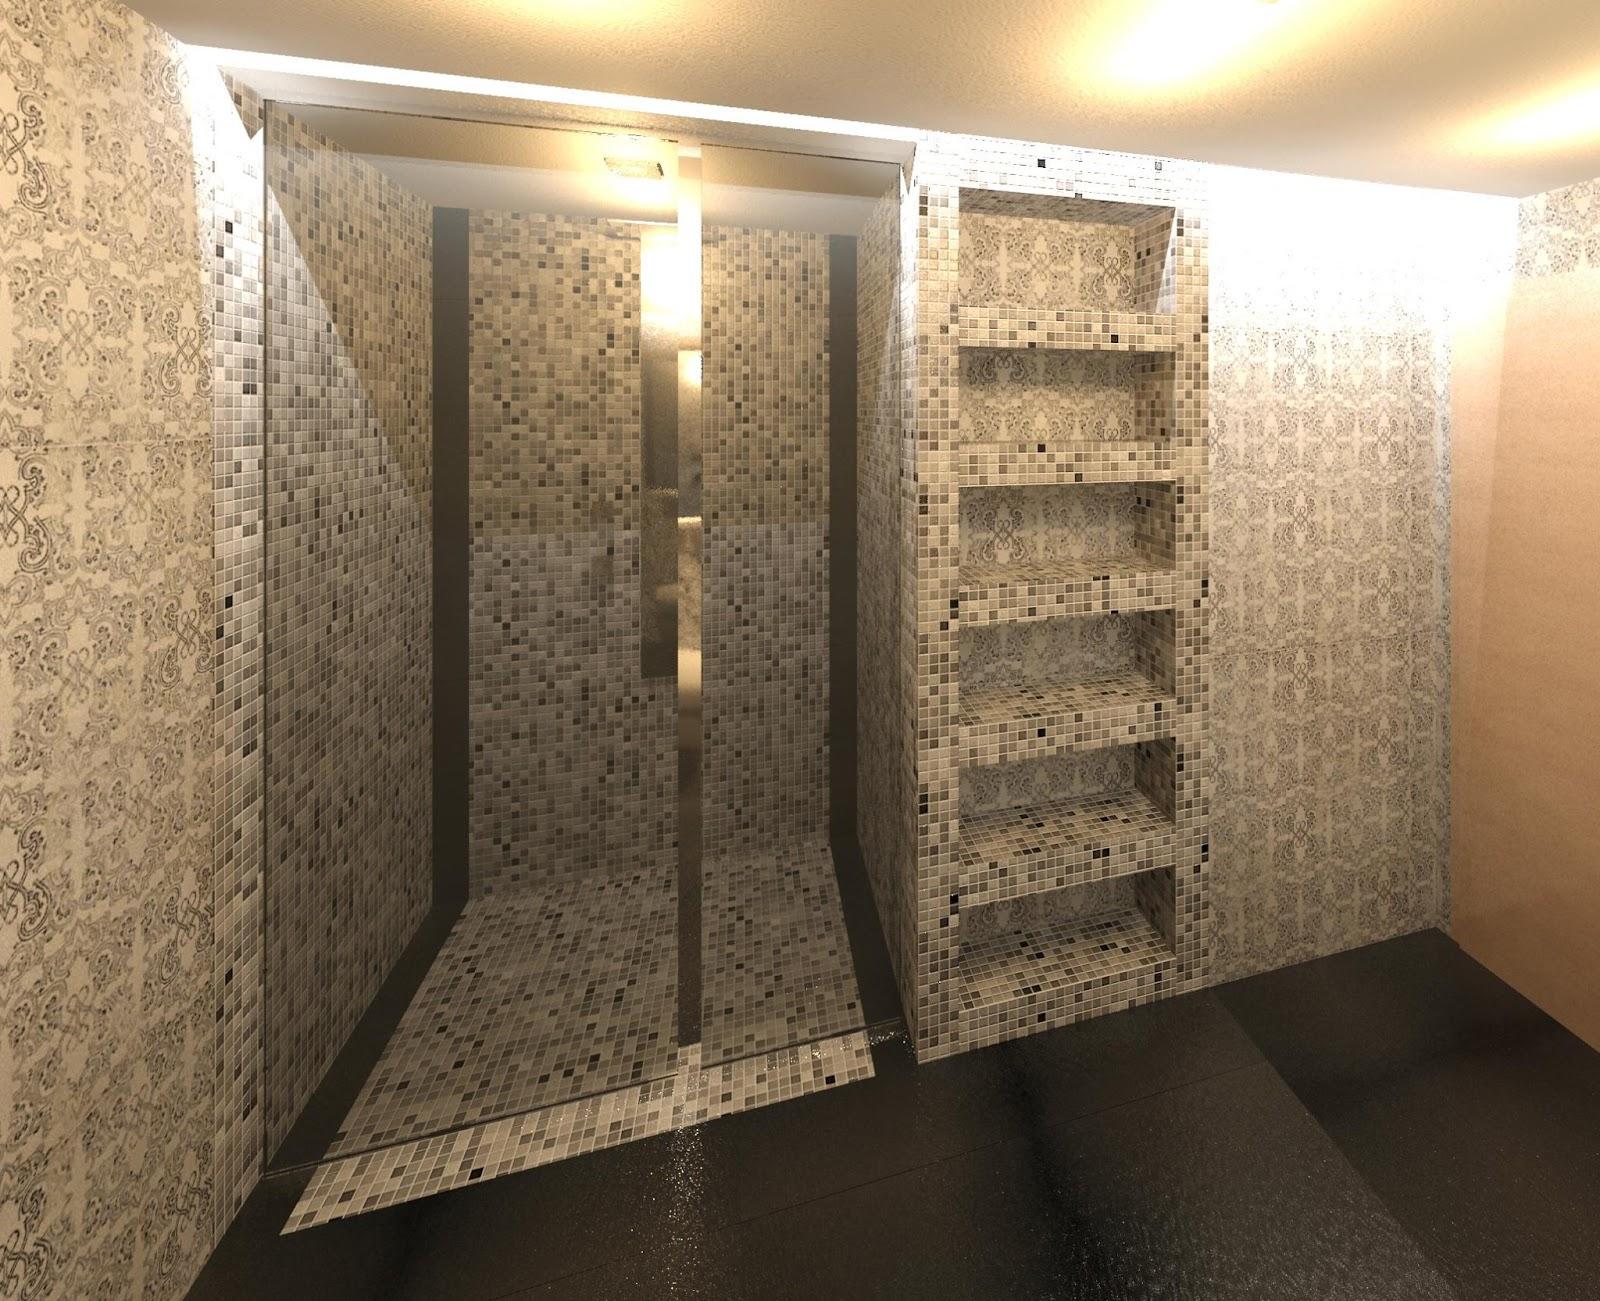 Geometra bagno moderno con rivestimento in mosaico - Rivestimento bagno moderno ...